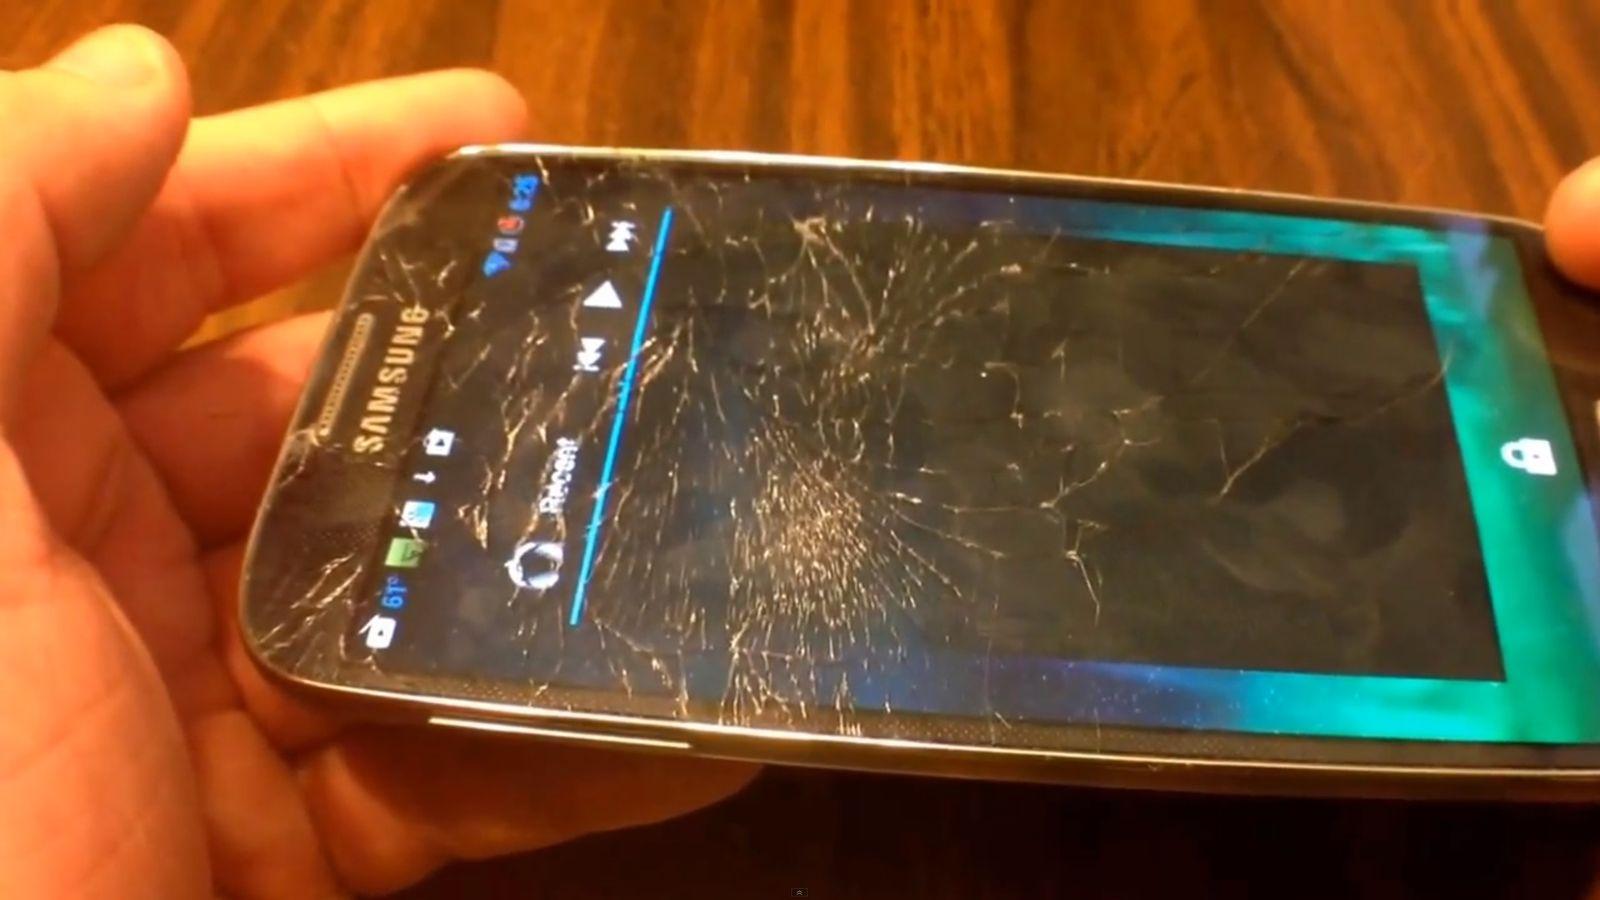 NUR ALS ZITAT Screenshot Samsung Galaxy verbogen